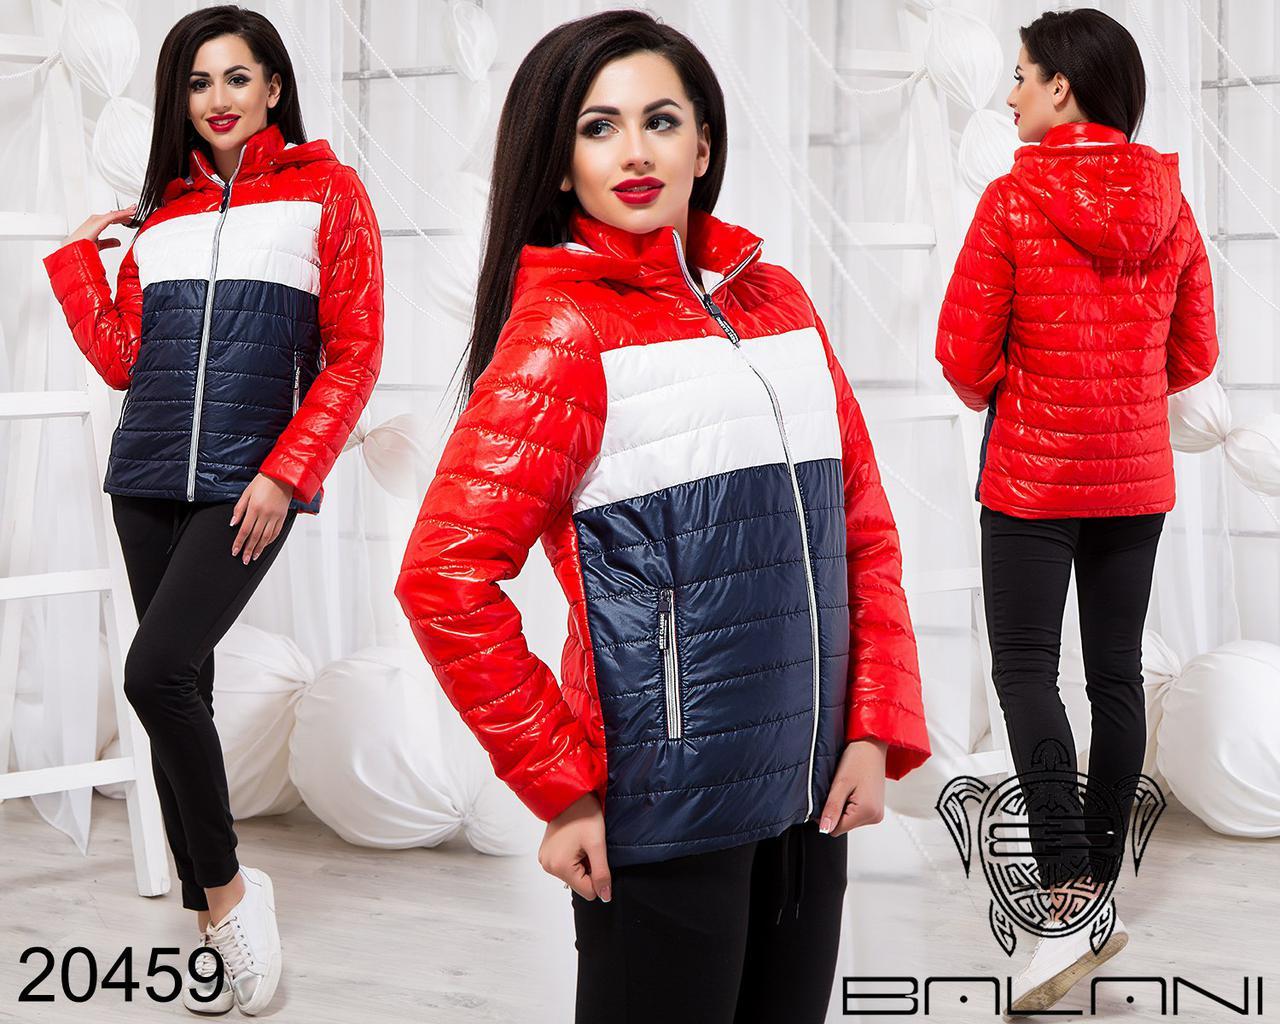 1524532942d Весенняя женская куртка с капюшоном Фабрика Украина Прямой поставщик  интернет-магазин одежды 42-46